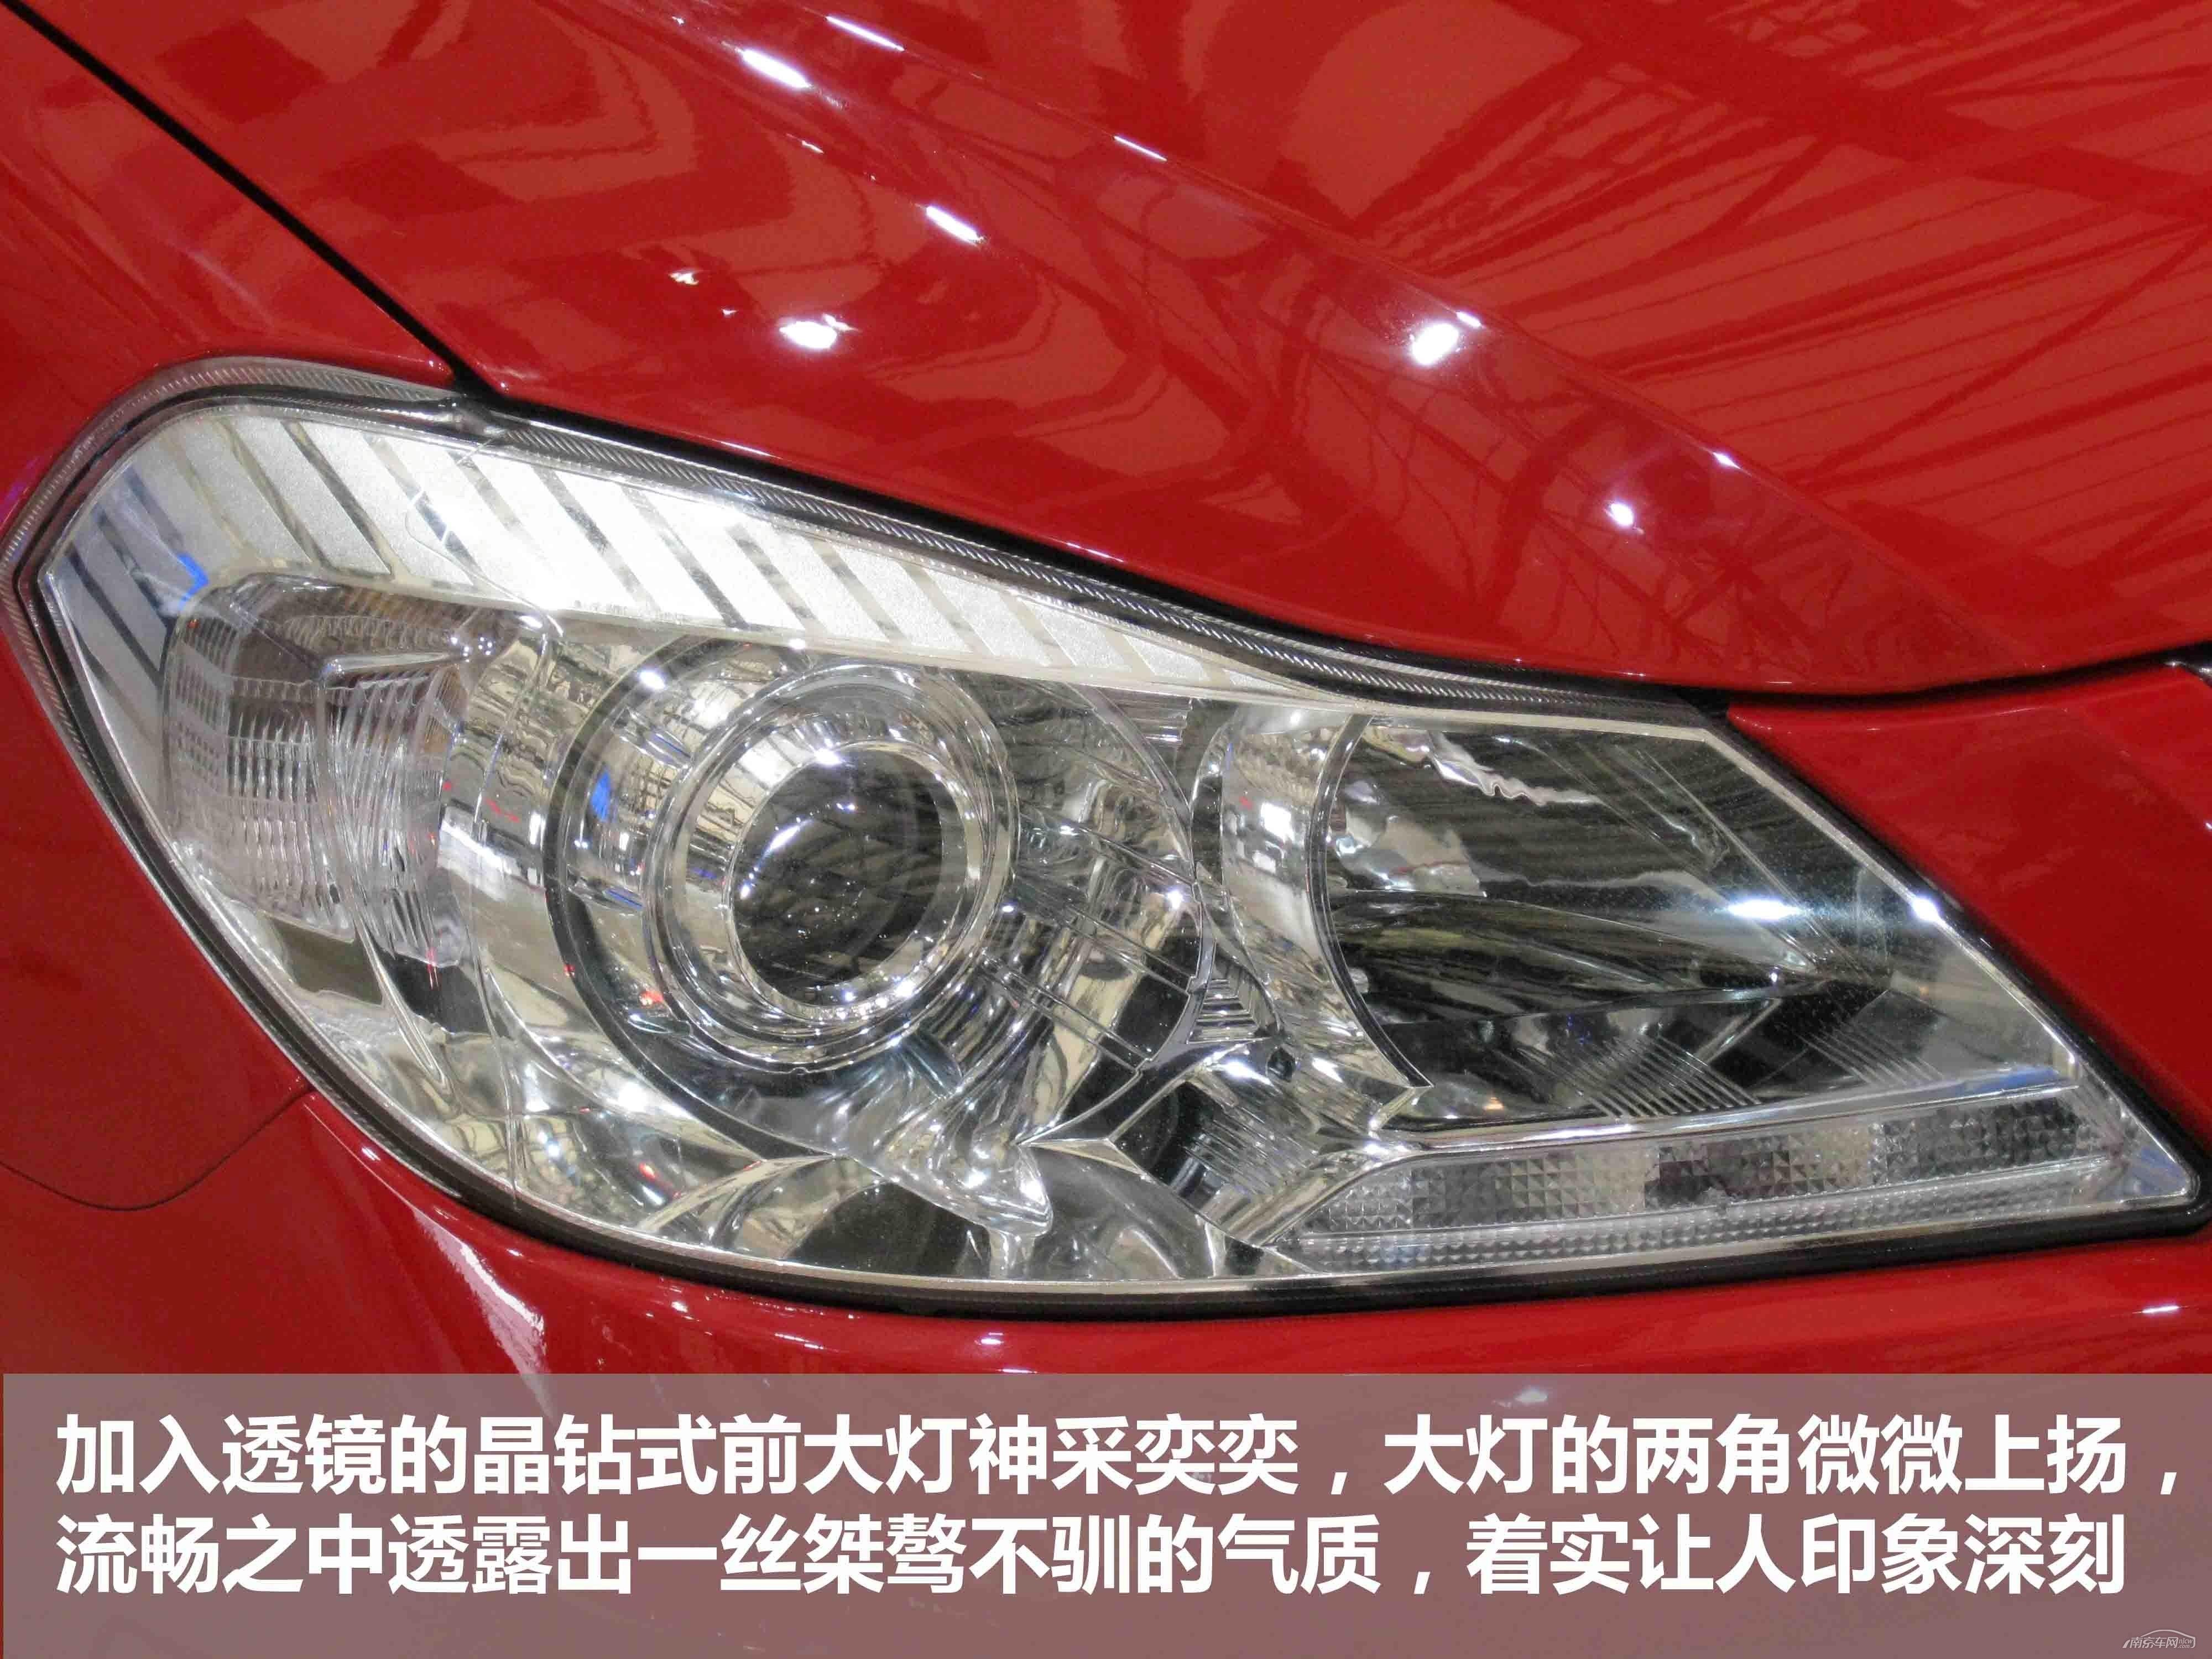 新车图解 > 比亚迪g3r亮相上海车展